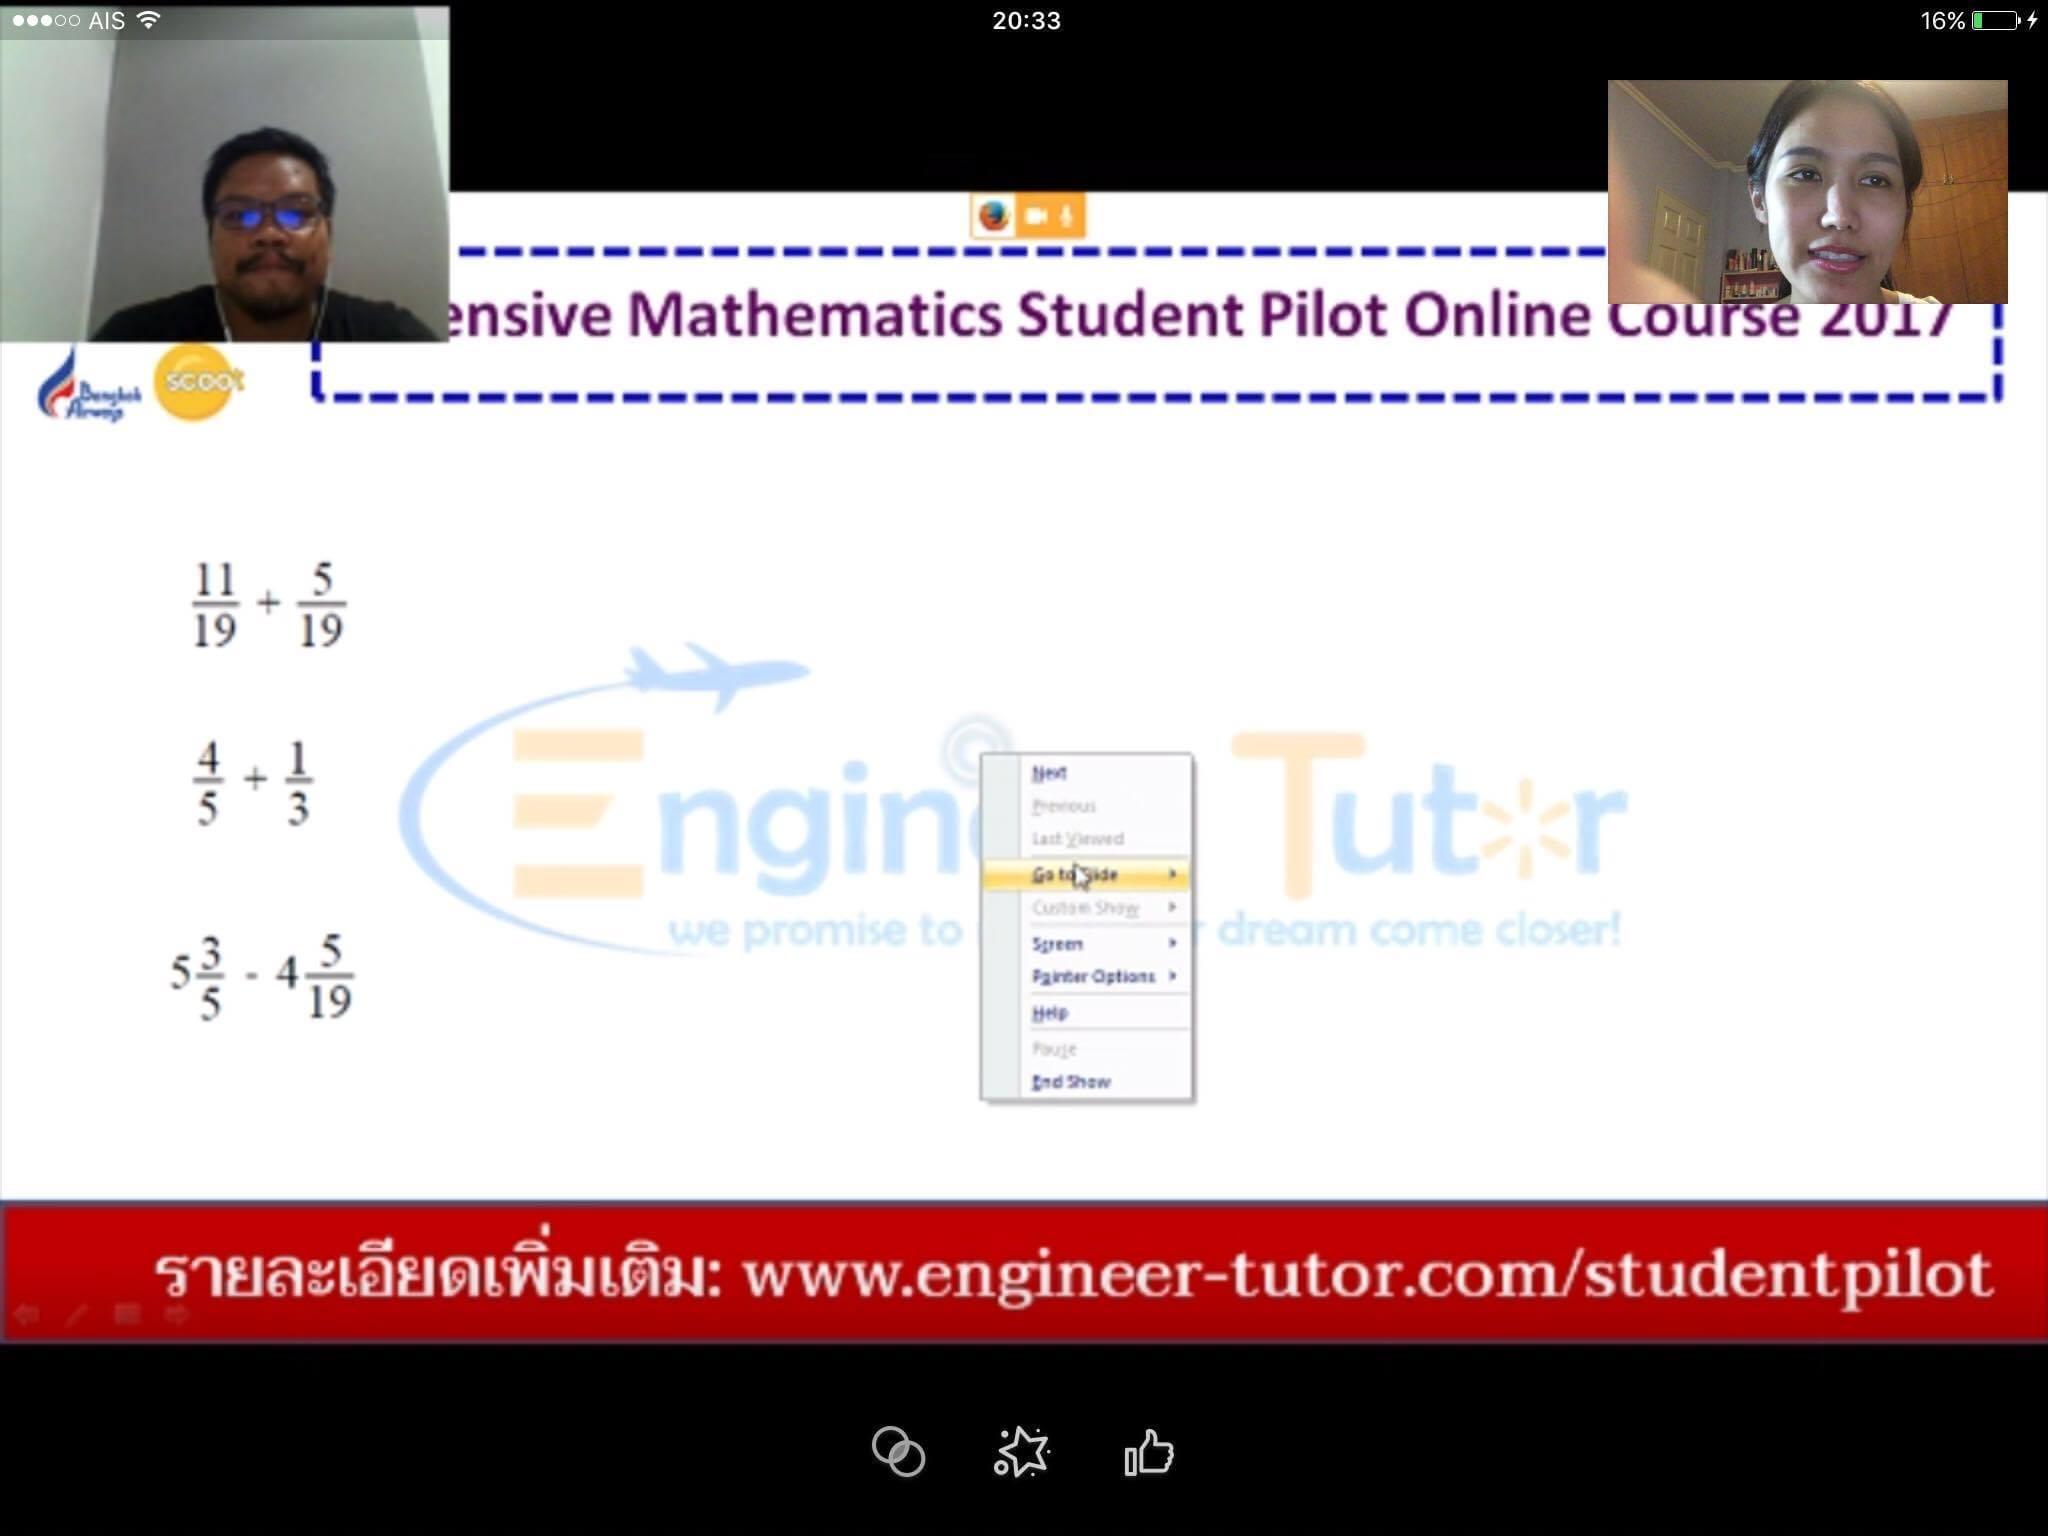 ติวออนไลน์ ติวสอบ Student Pilot Thai Lion Air 2017